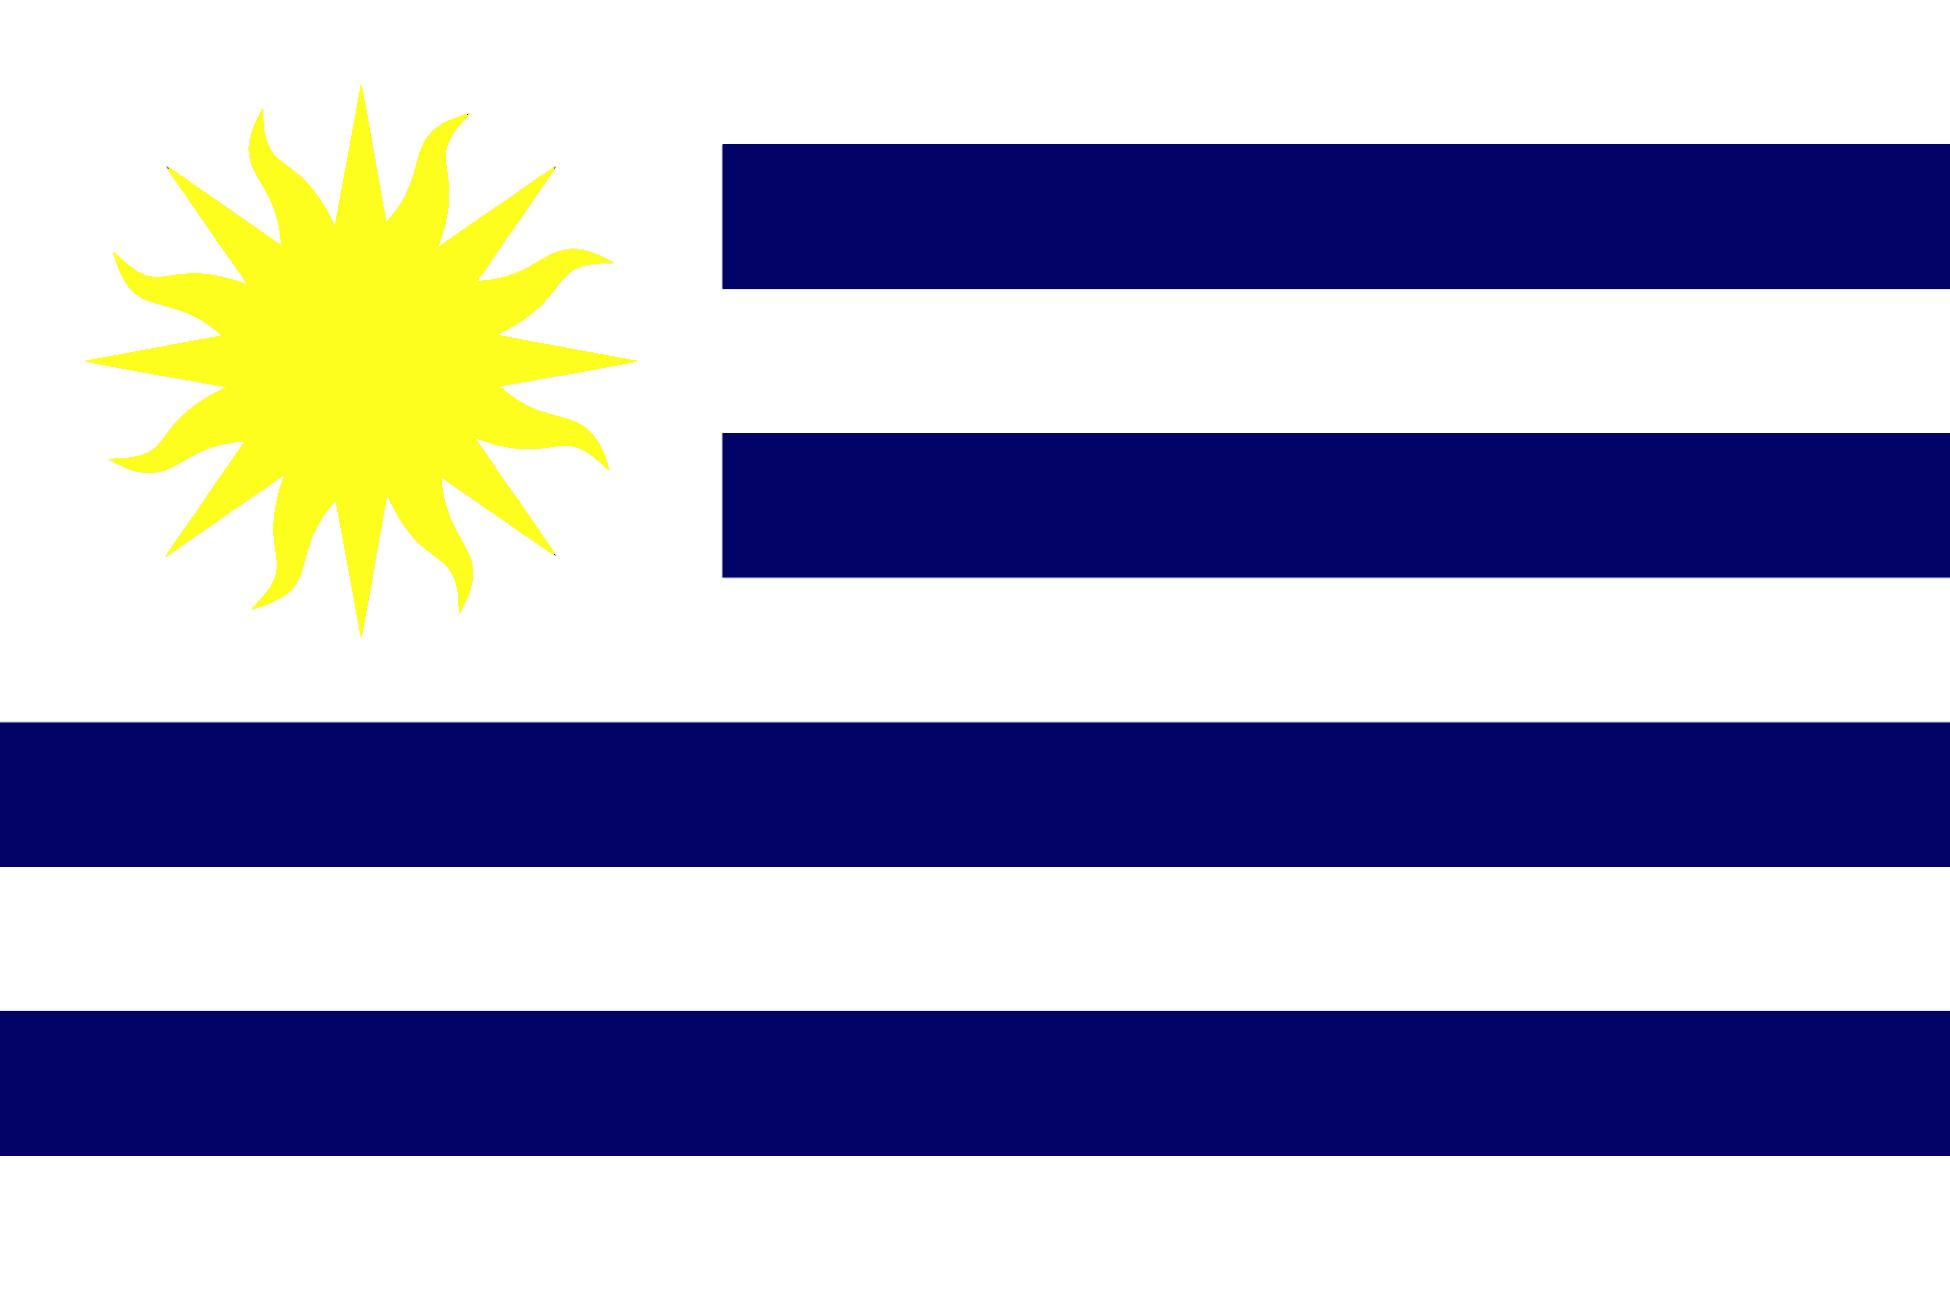 File:Bandera Uruguay Simple.png.